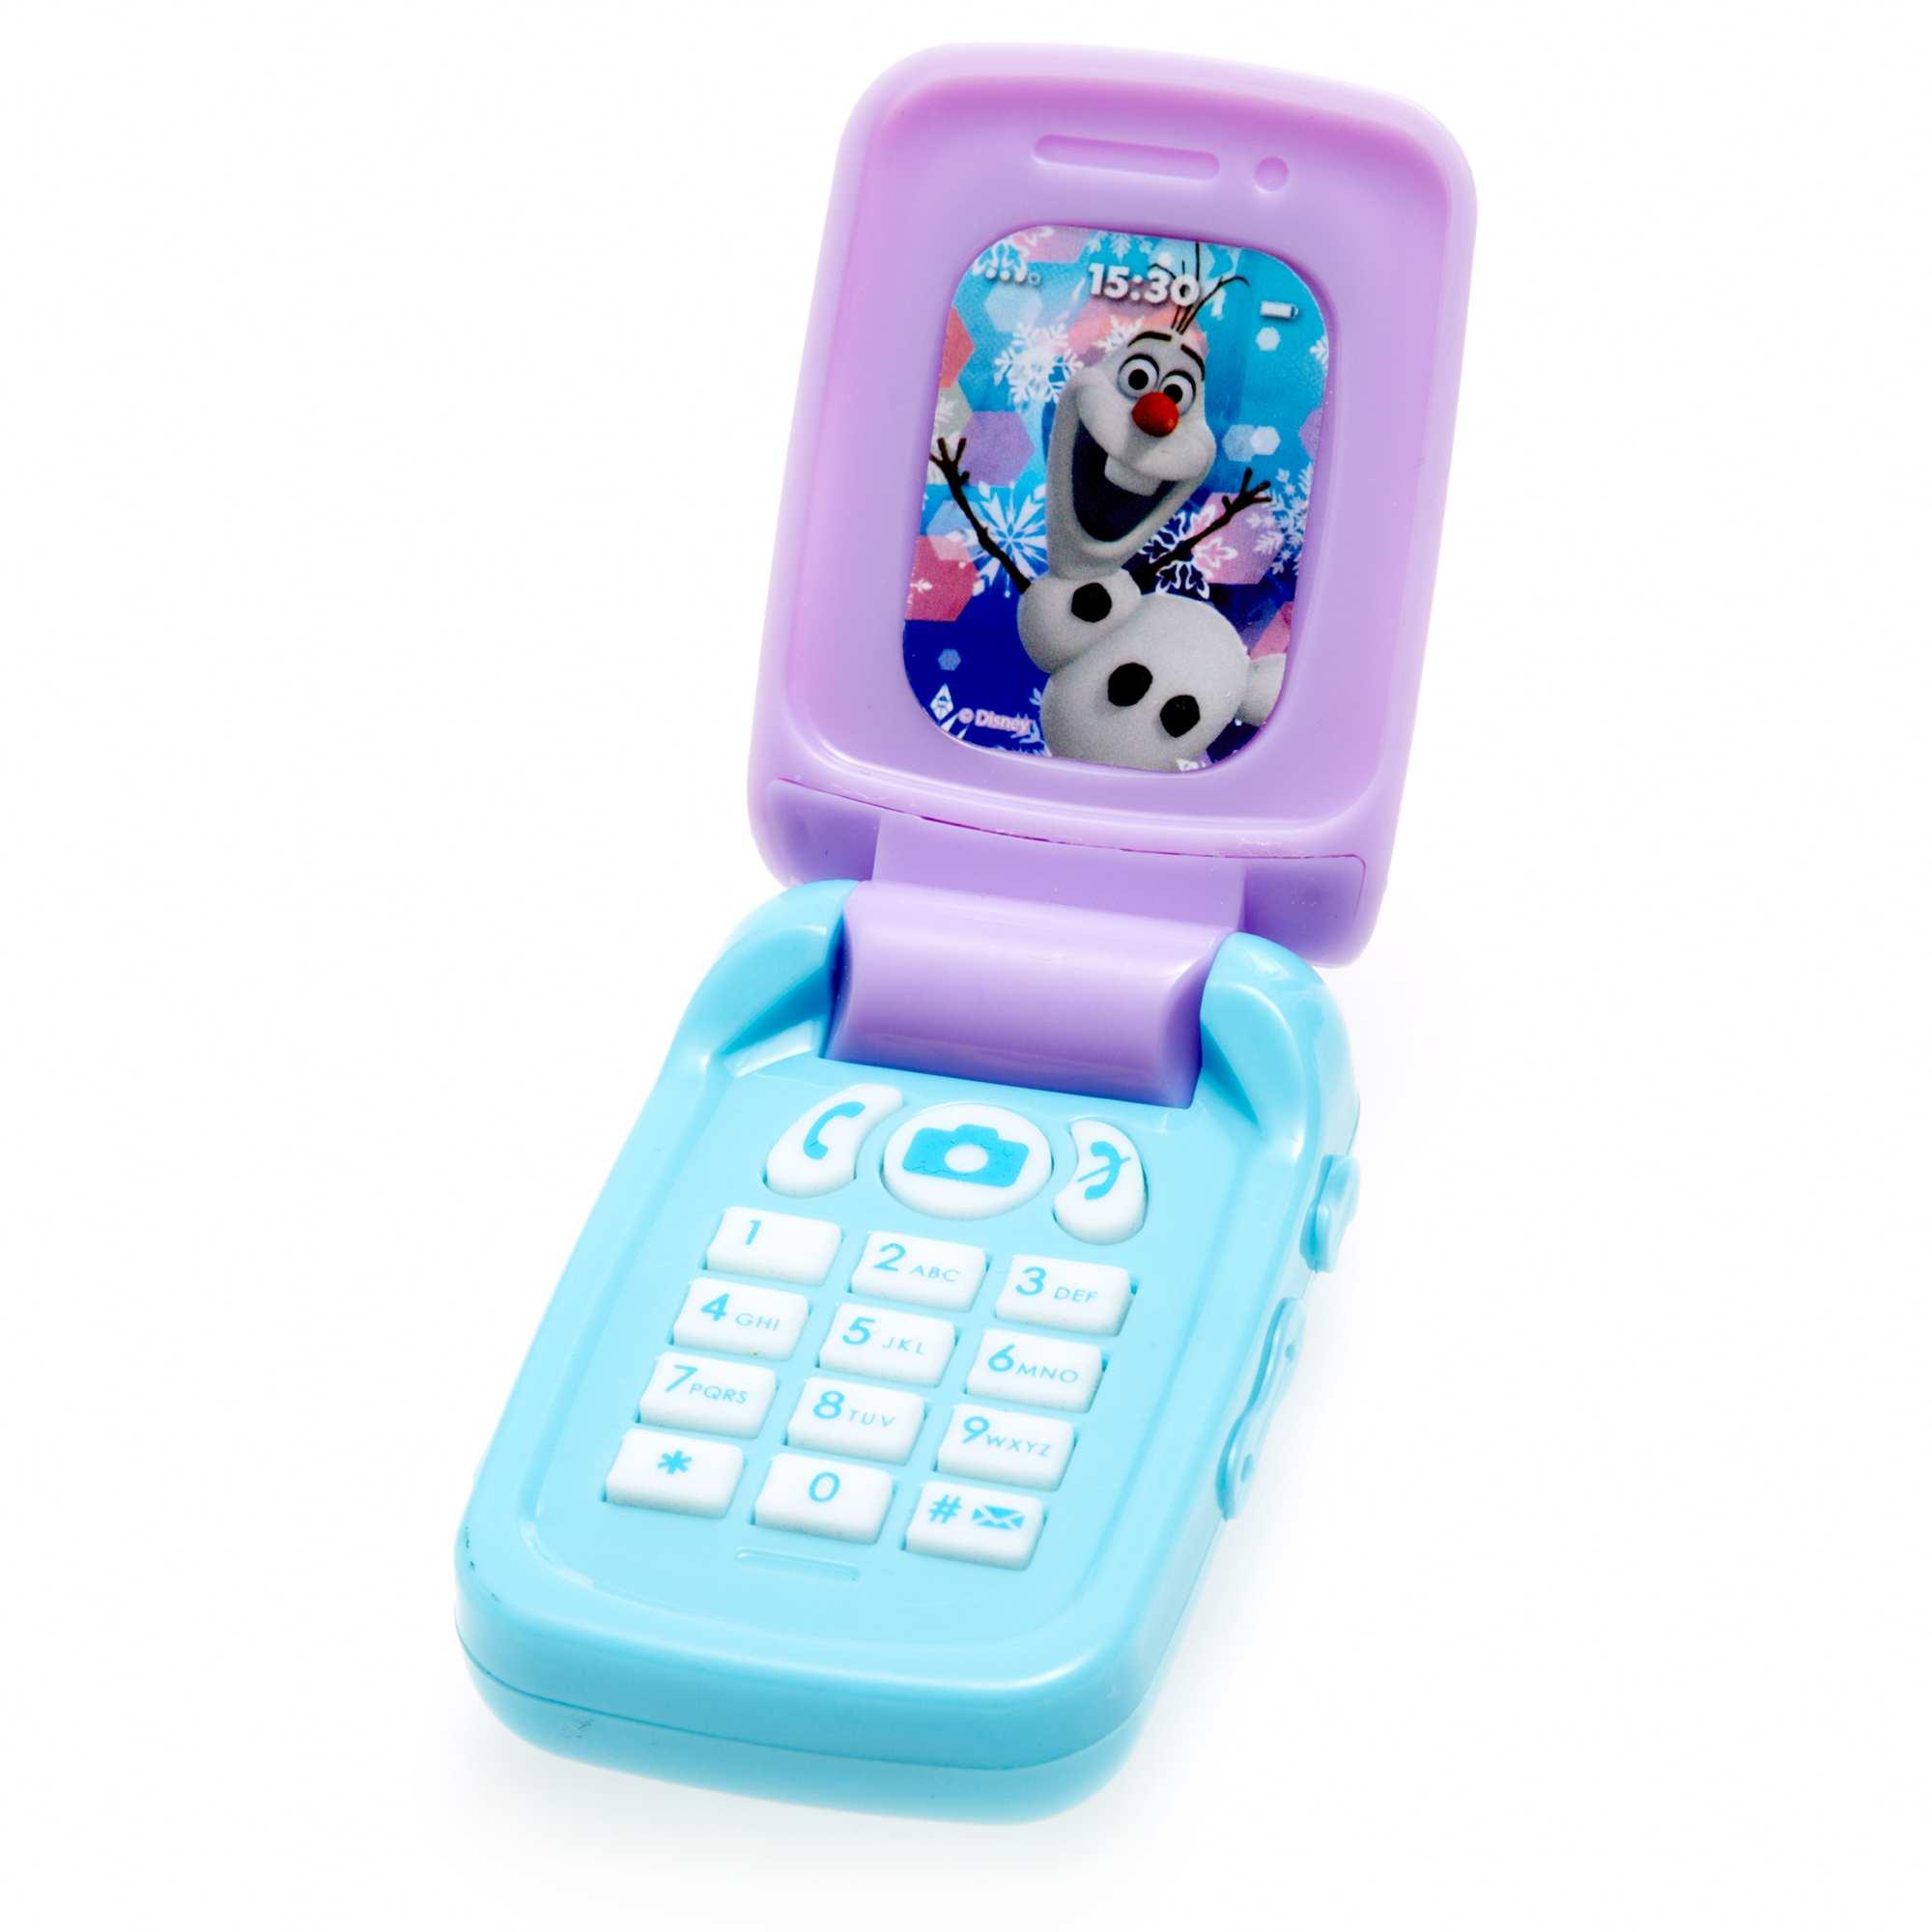 4410a09db4 Telefono cellulare giocattolo 'Frozen - Il regno di ghiaccio ...